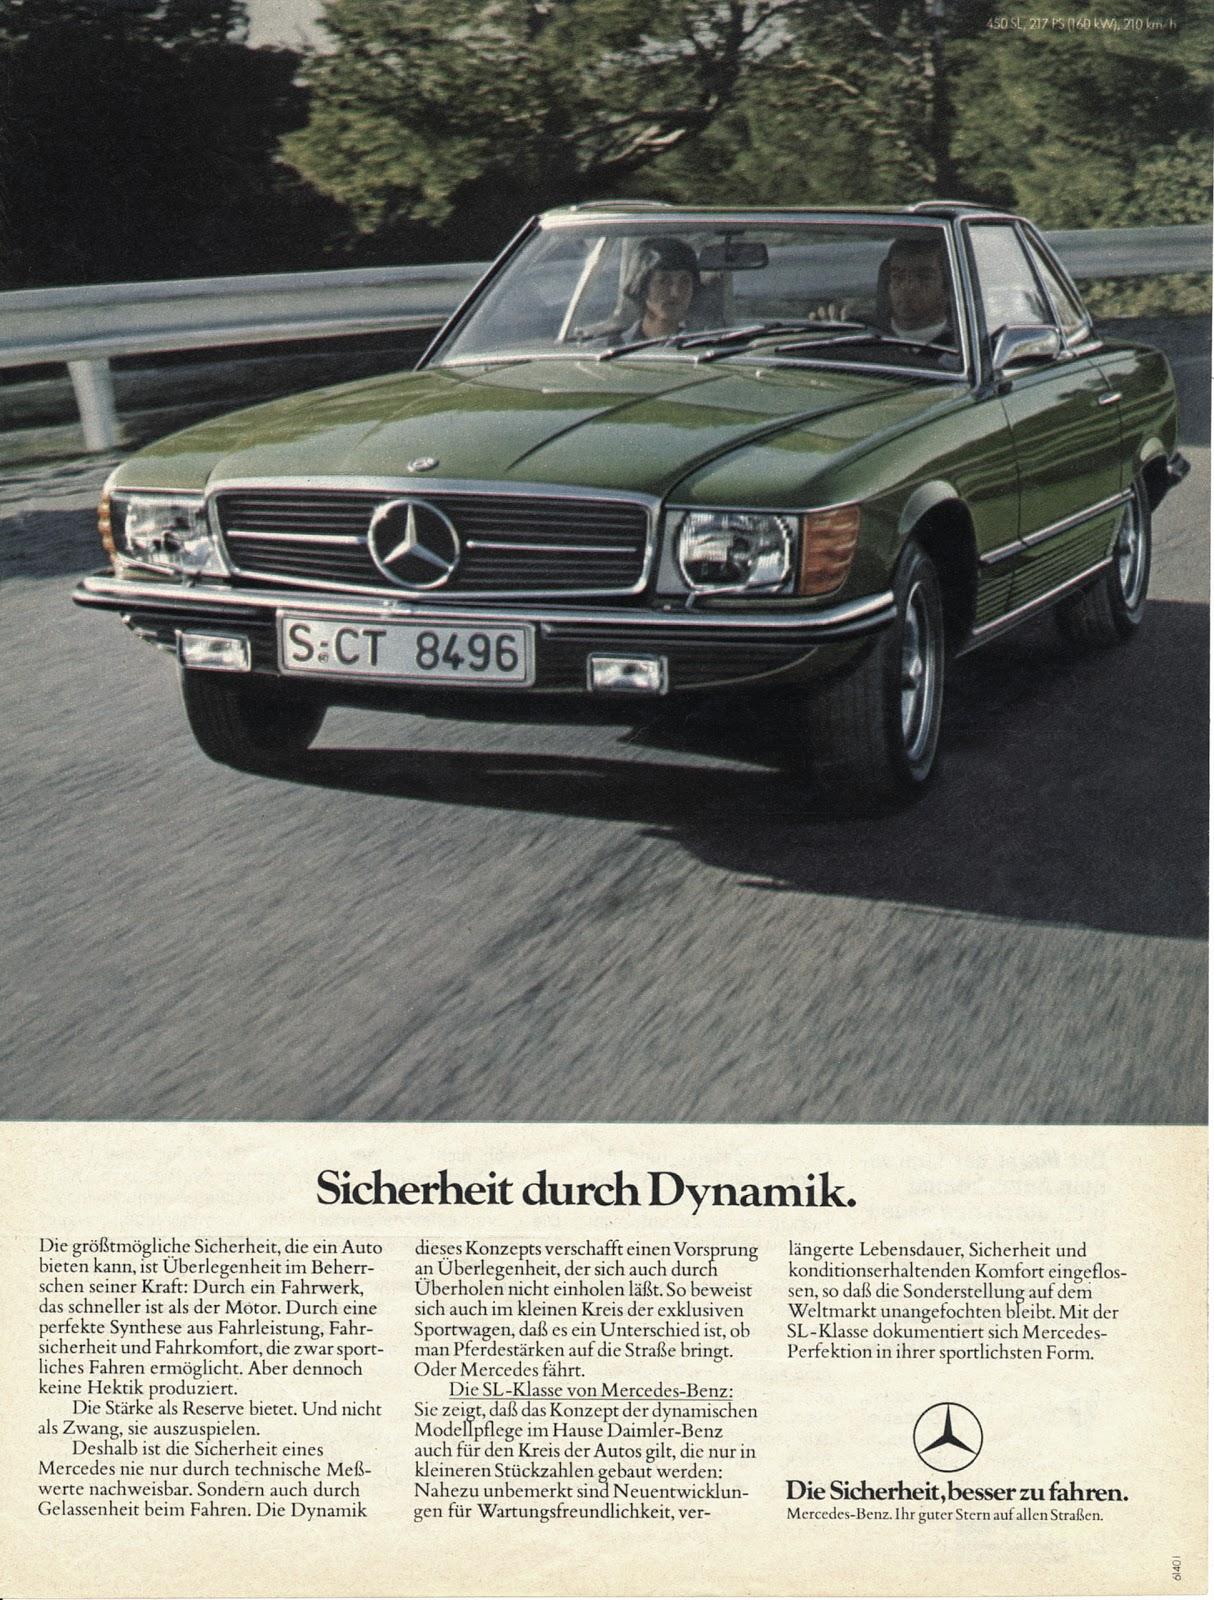 1976-Mercedes-Benz-SL-Sicherheit-durch-Dynamik.jpg